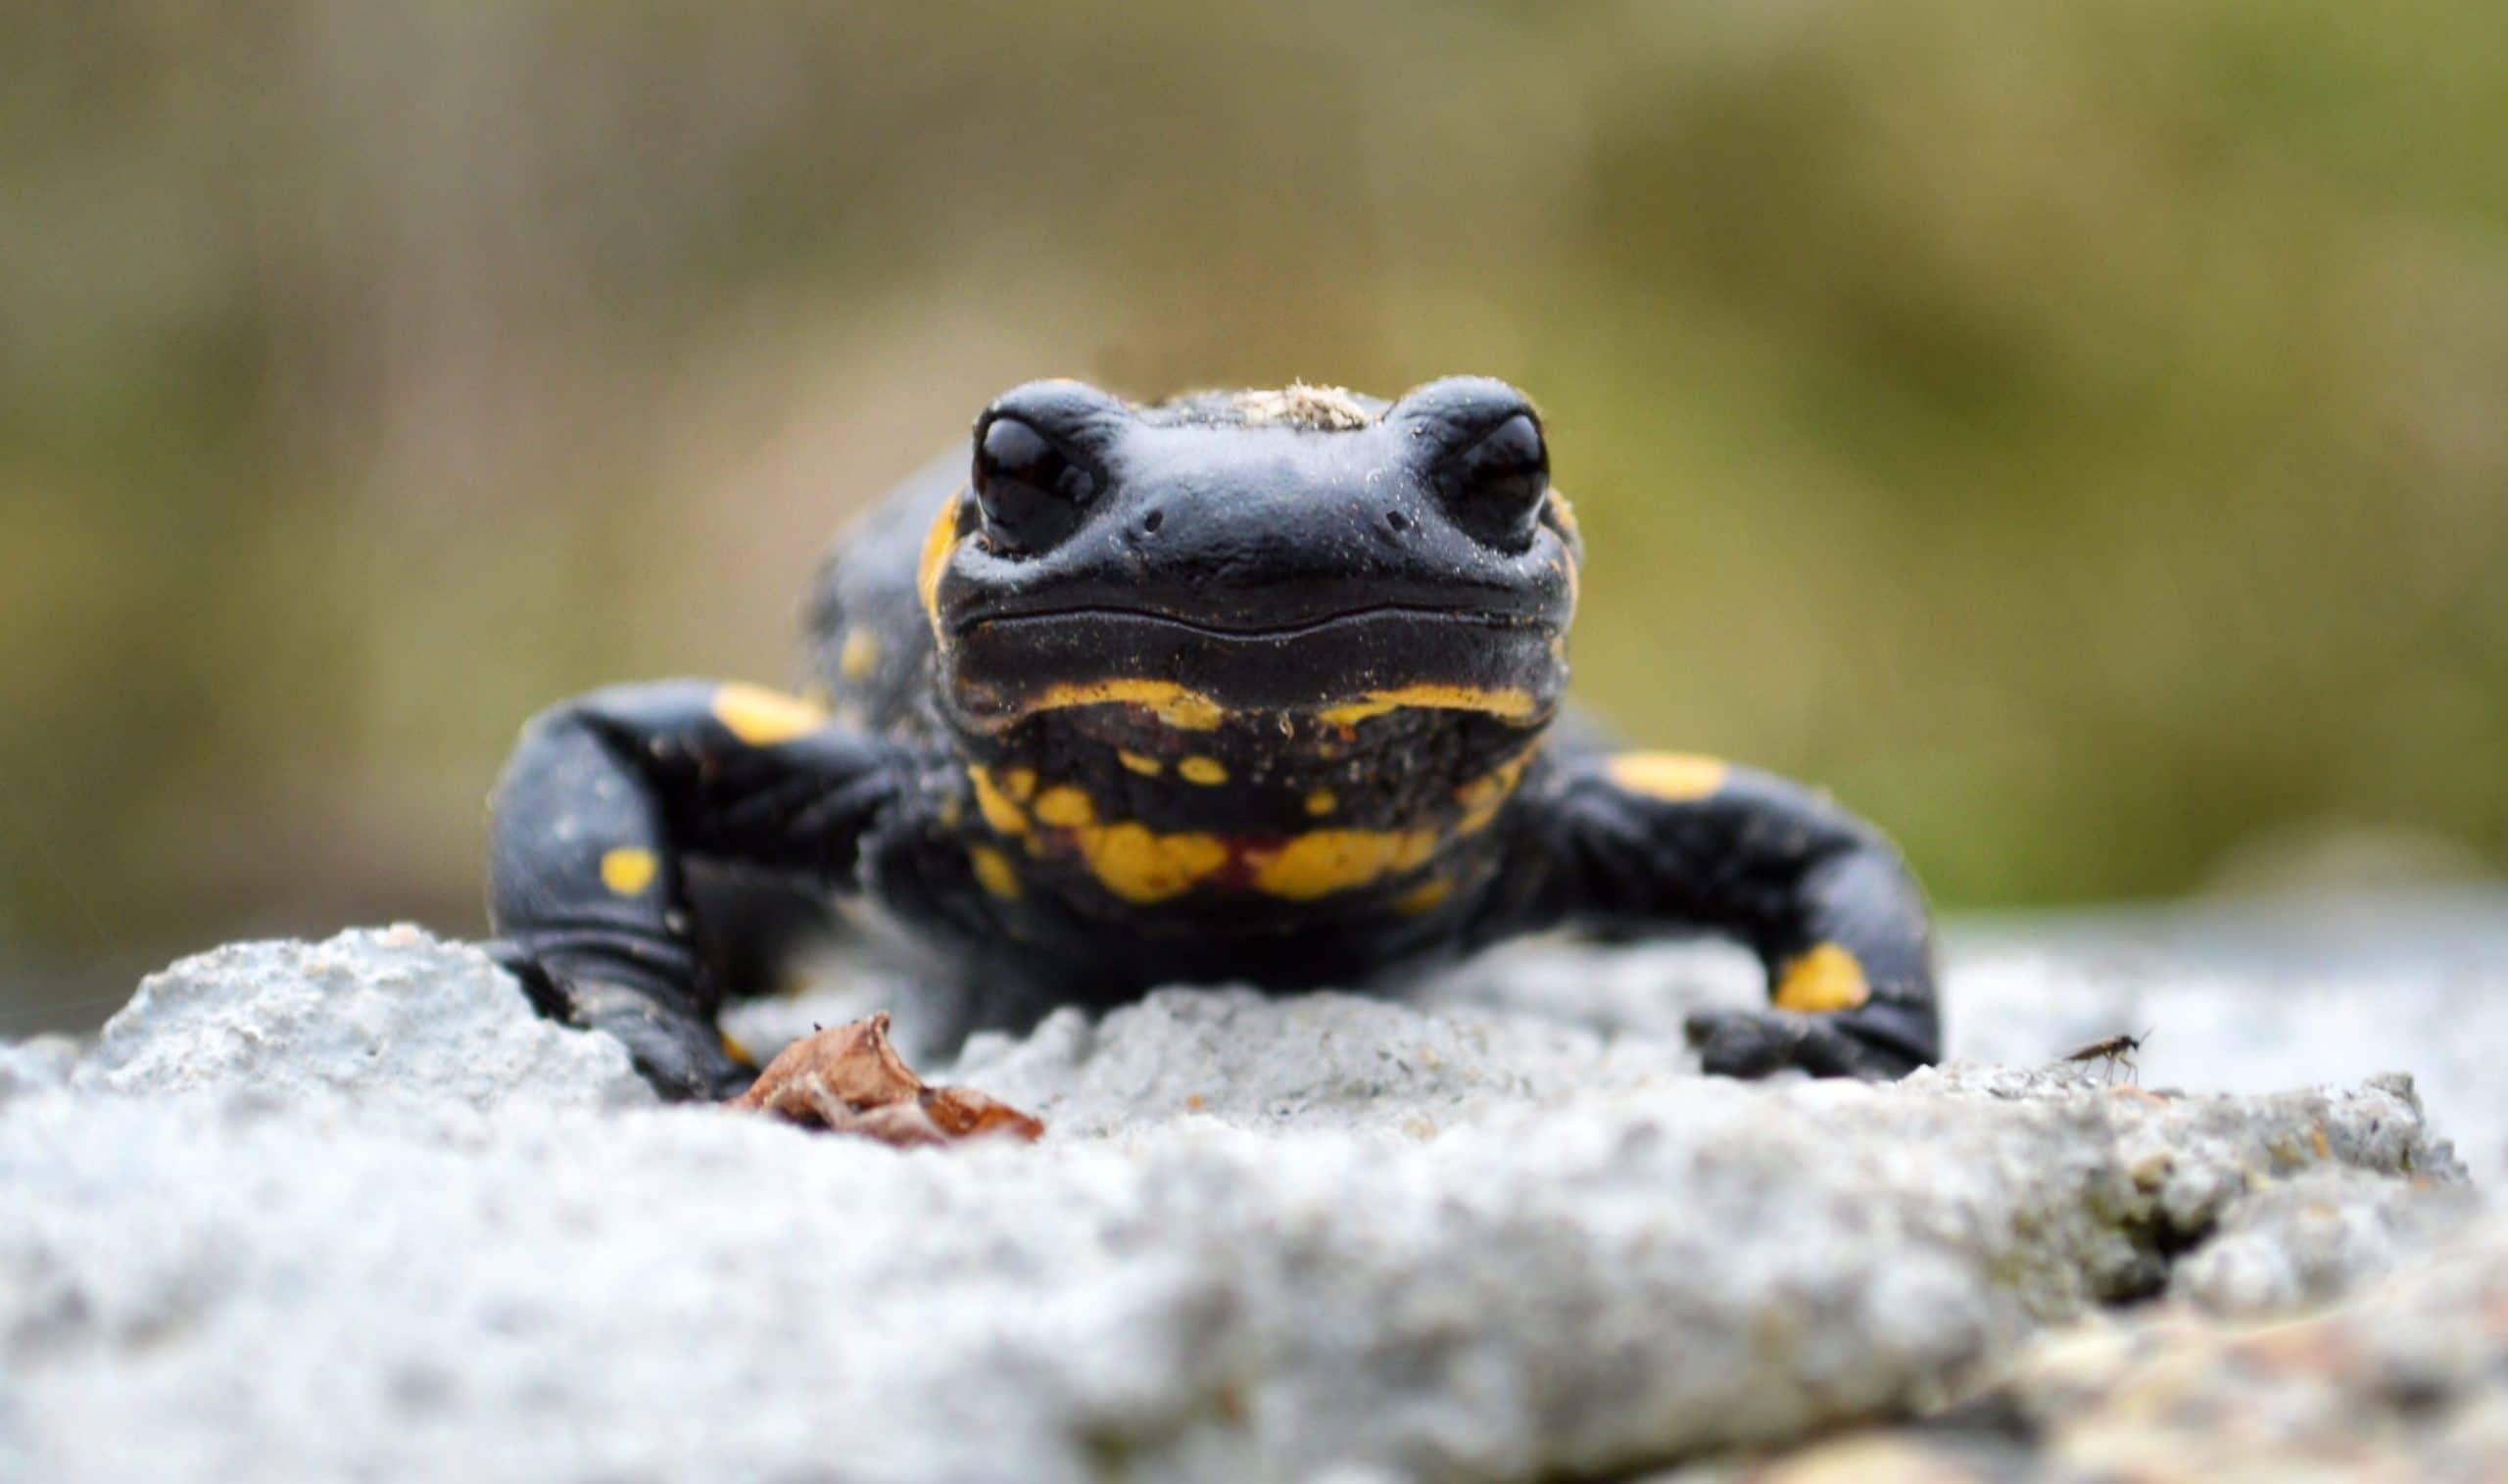 Vista frontal de la salamandra común donde se aprecia su morro redondeado